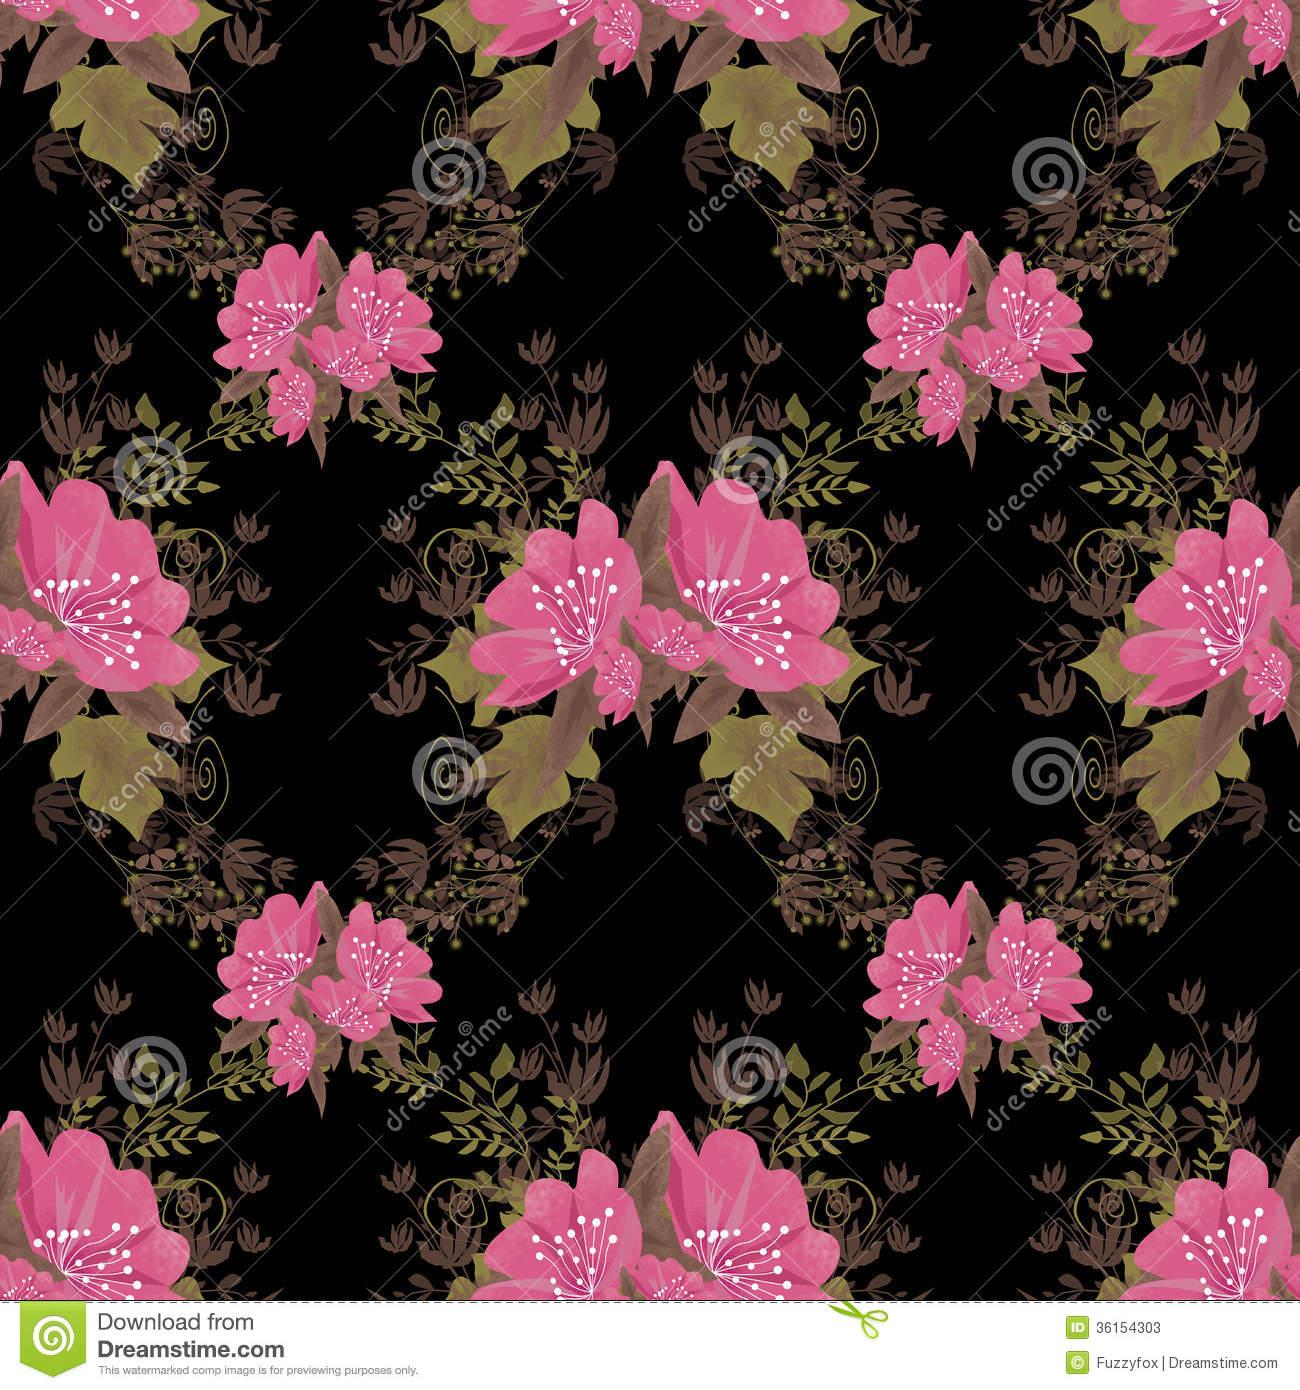 Black And Pink Flower Wallpaper Wallpapersafari